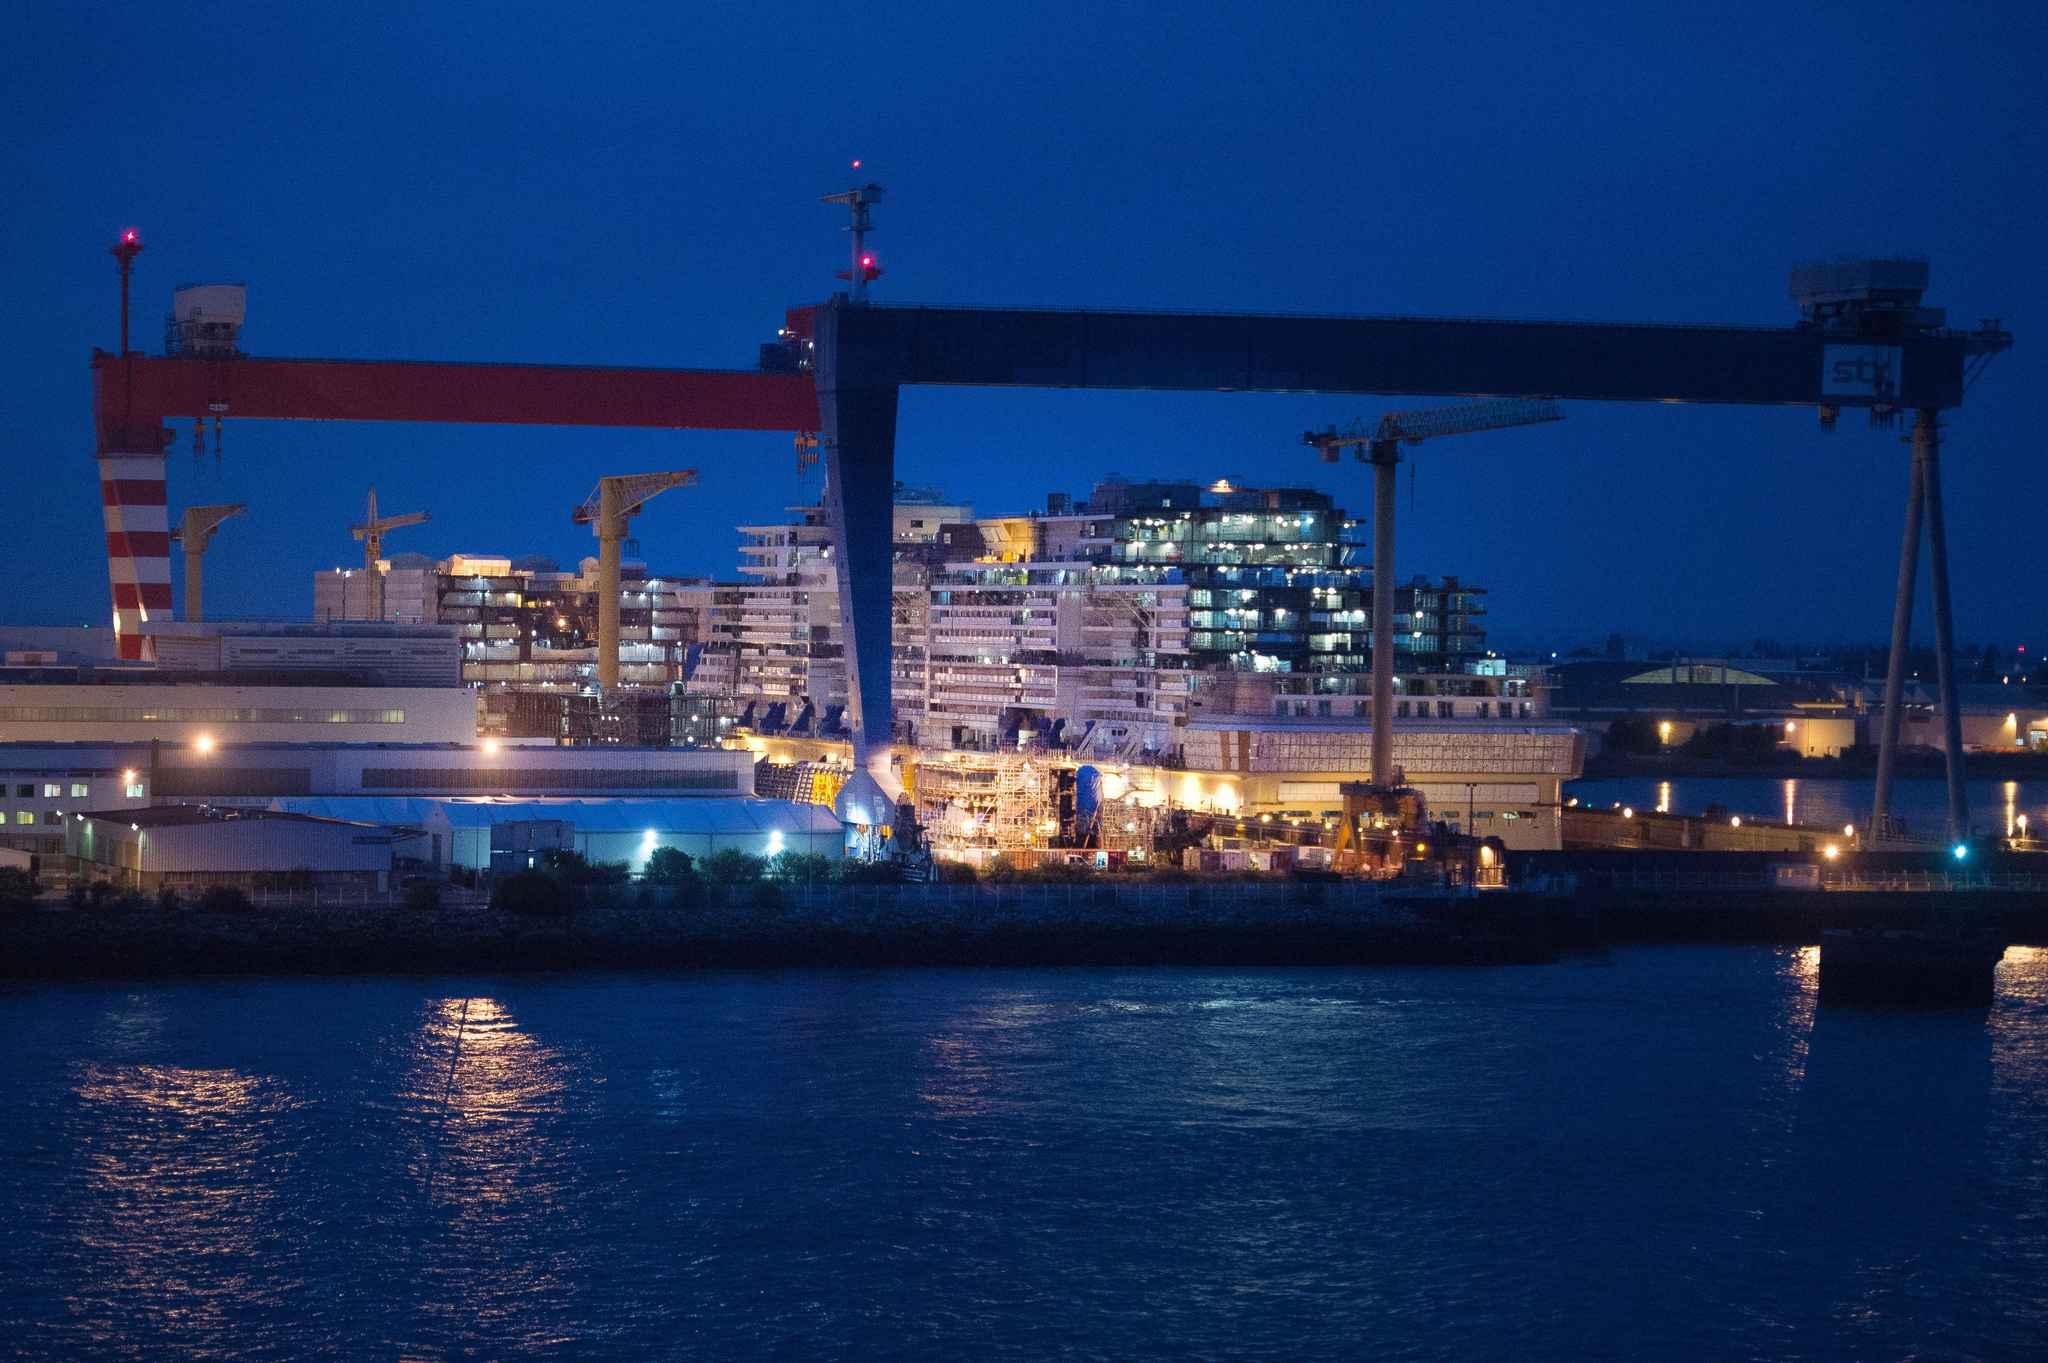 News sur la navale mondiale (les chantiers de constructions navales-dont chantiers STX stNaz) - Page 7 2048x1536-fit_chantiers-navals-stx-saint-nazaire